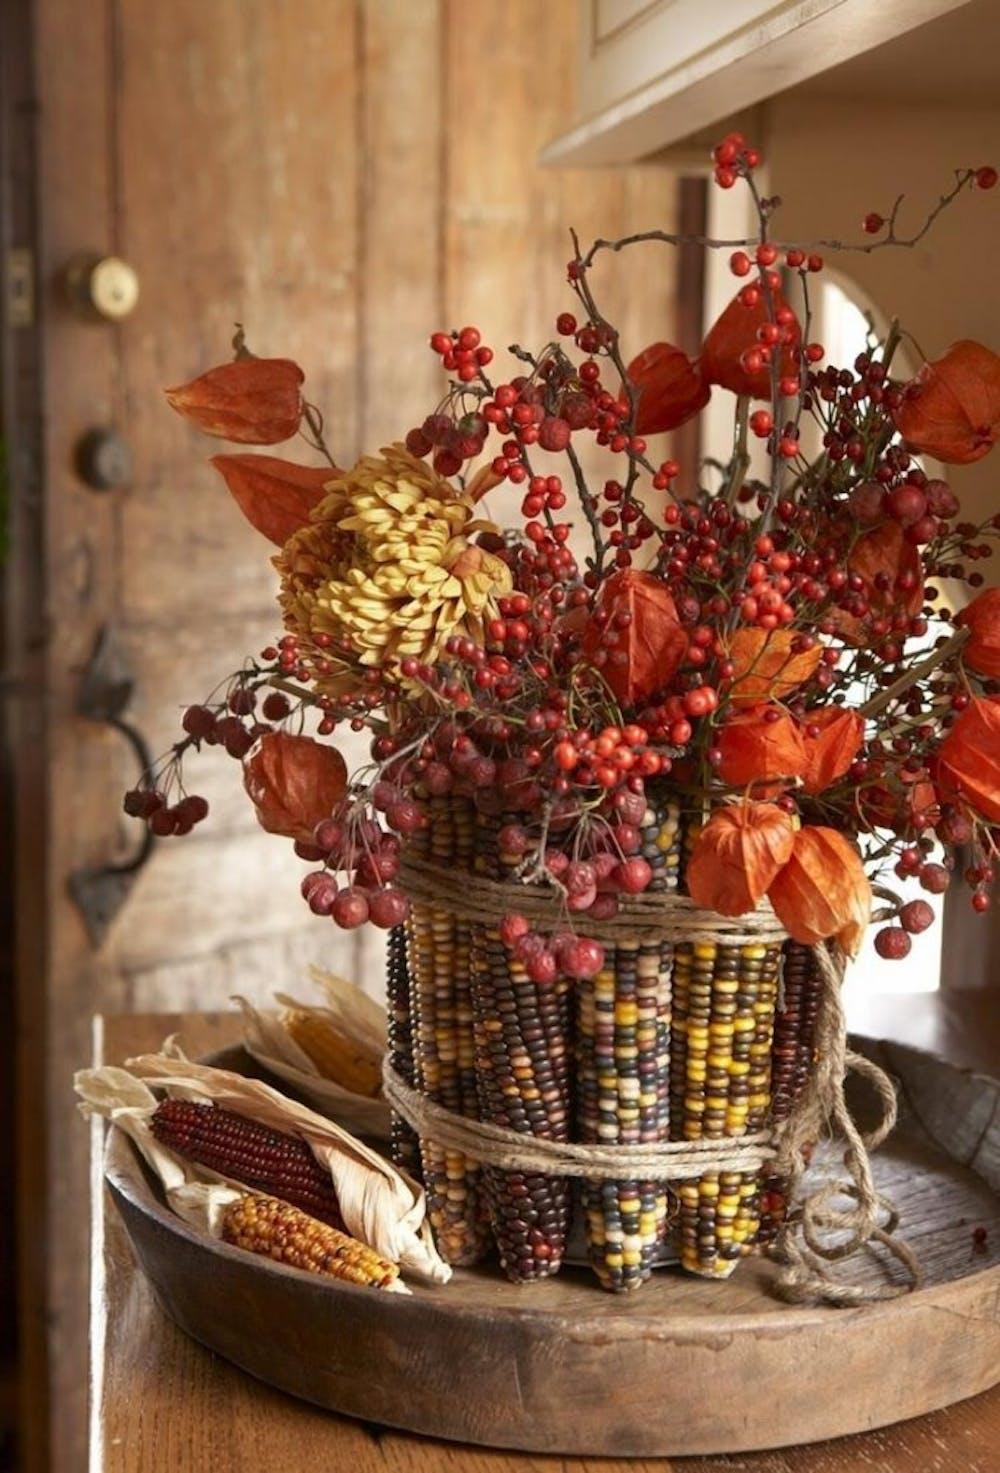 herfst-decoratie-idee-1371580851-van-bionda-8jha7lz